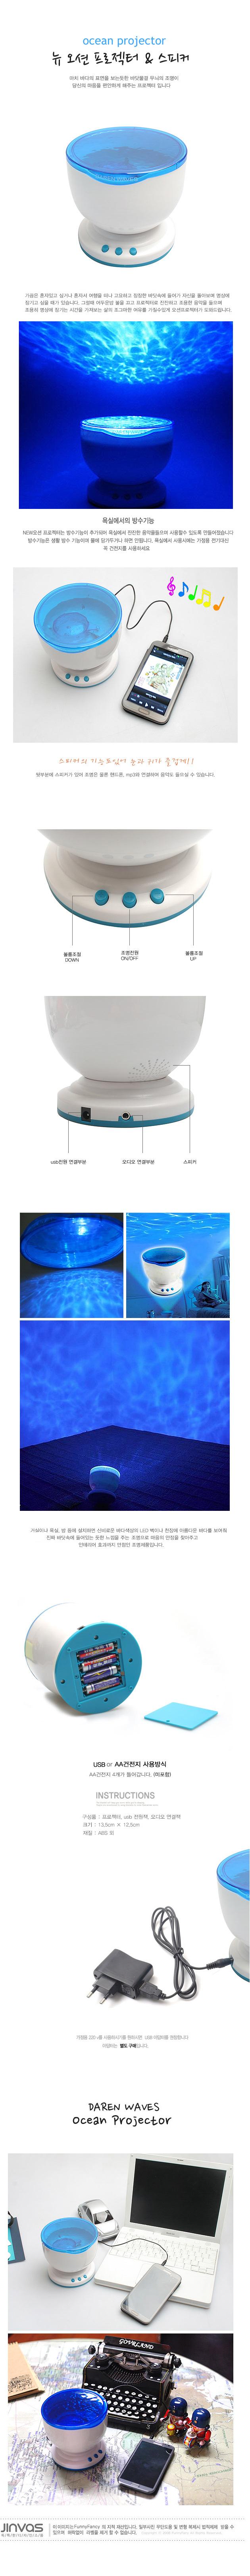 뉴 오션 프로젝터  스피커 - 진바스, 22,000원, 리빙조명, 테이블조명